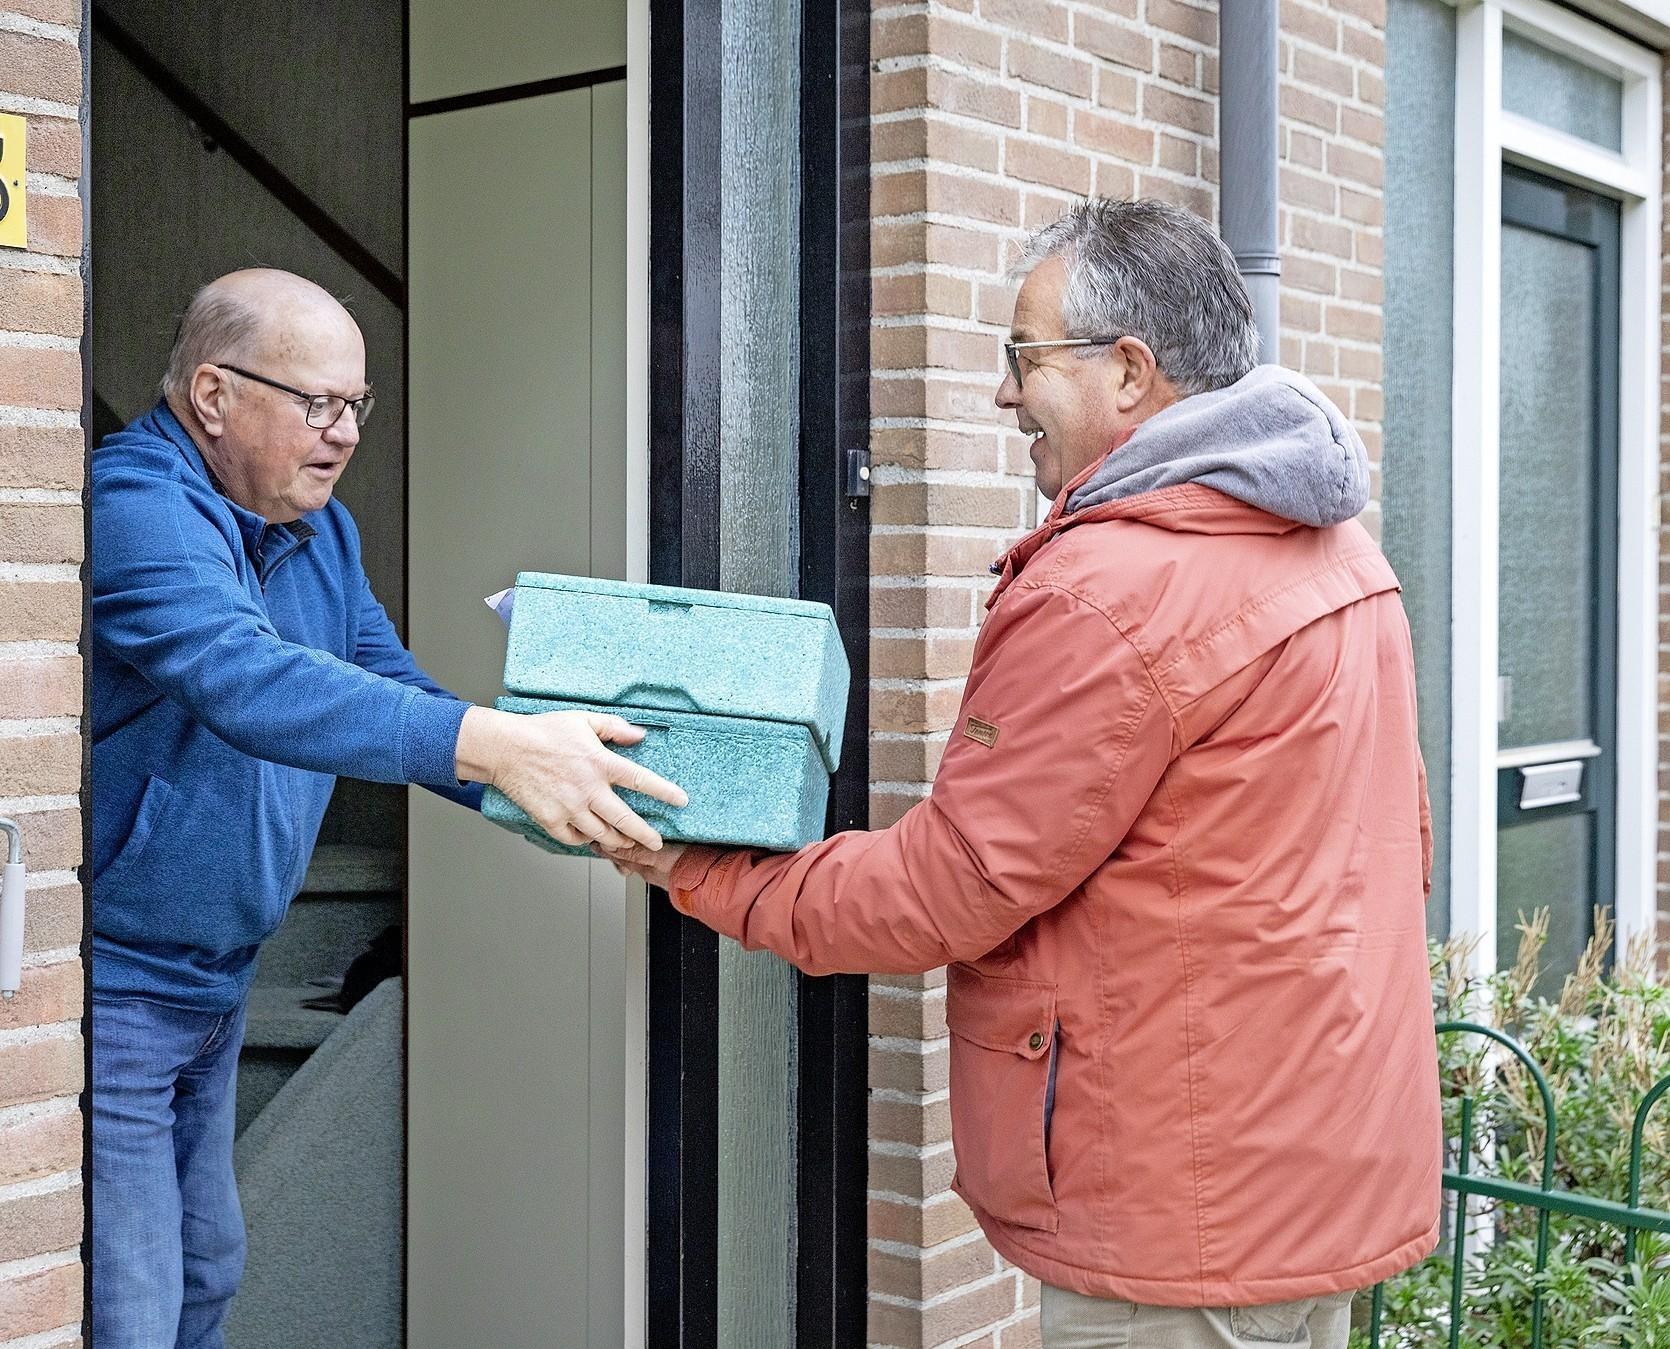 Texelse ouderen eten straks van eigen eiland - 'Tafeltje Dekje' start in eerste kwartaal 2020 - Noordhollands Dagblad